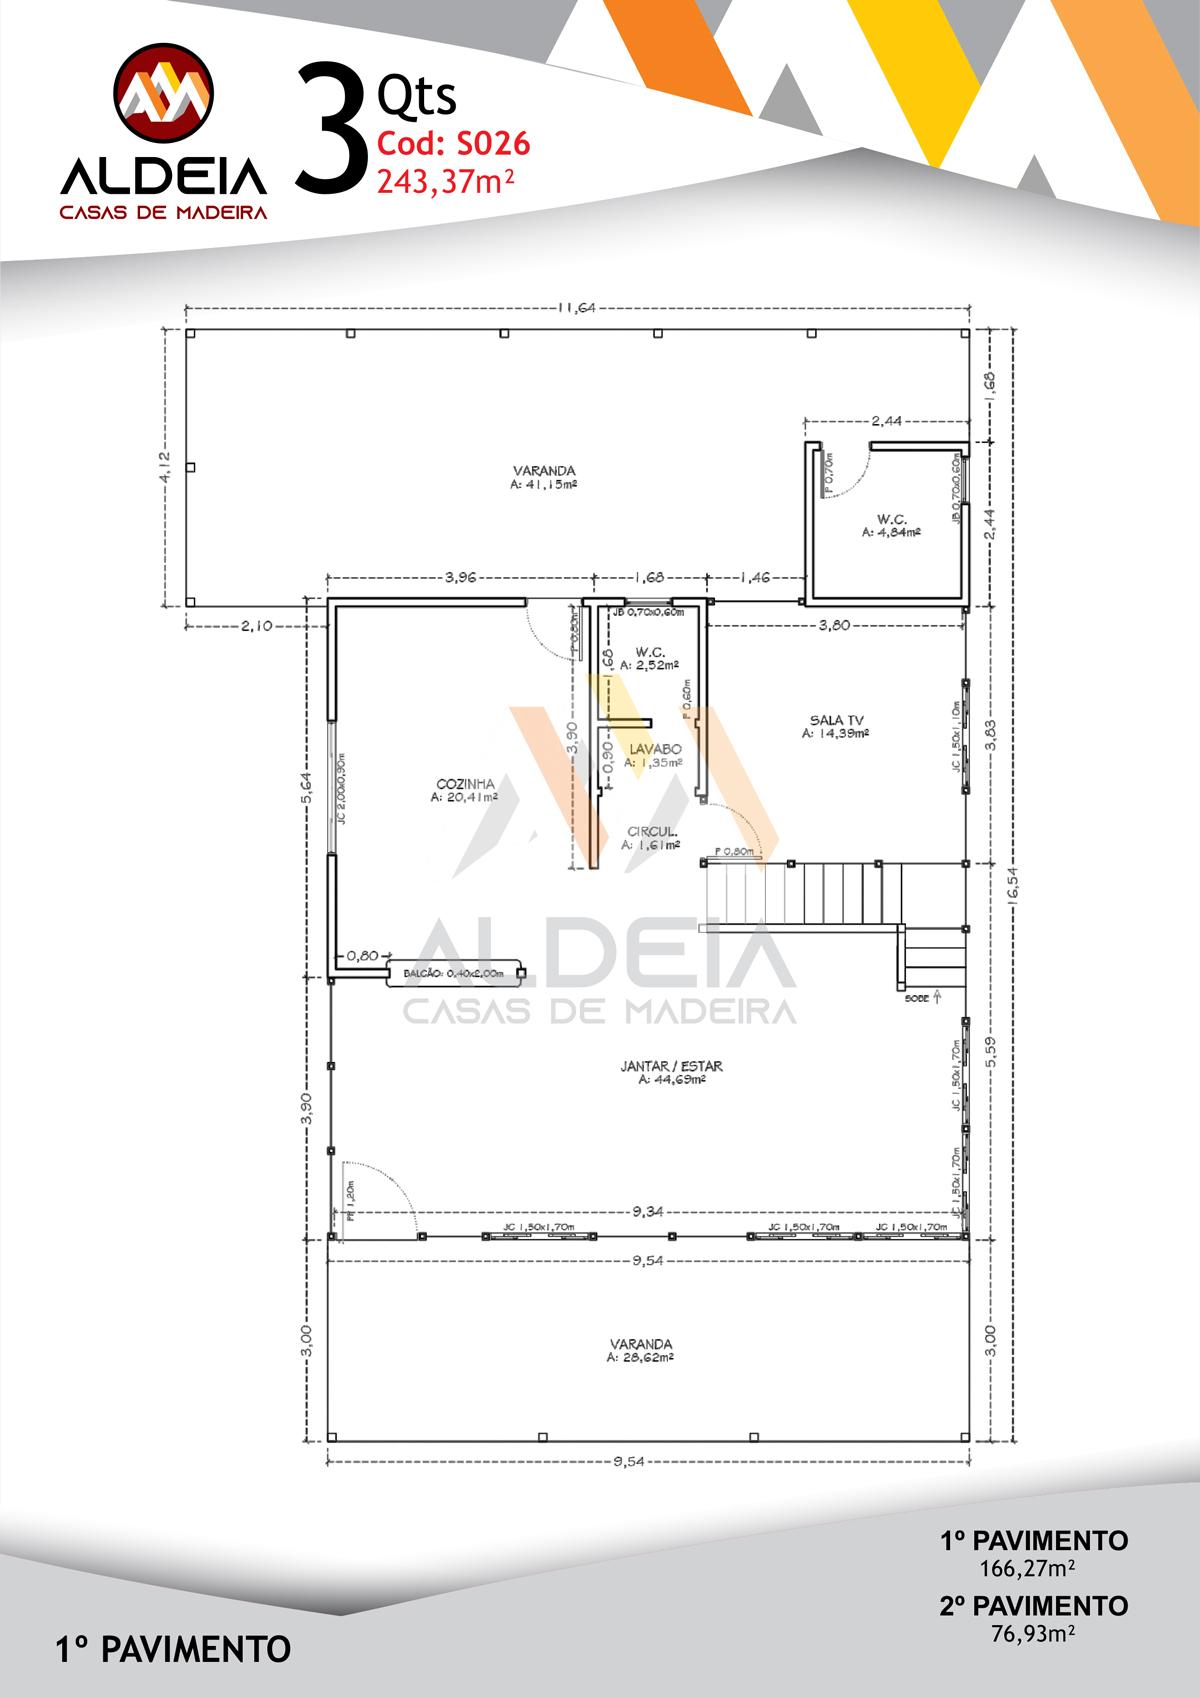 aldeia-casas-madeira-arquitetura-S026-1